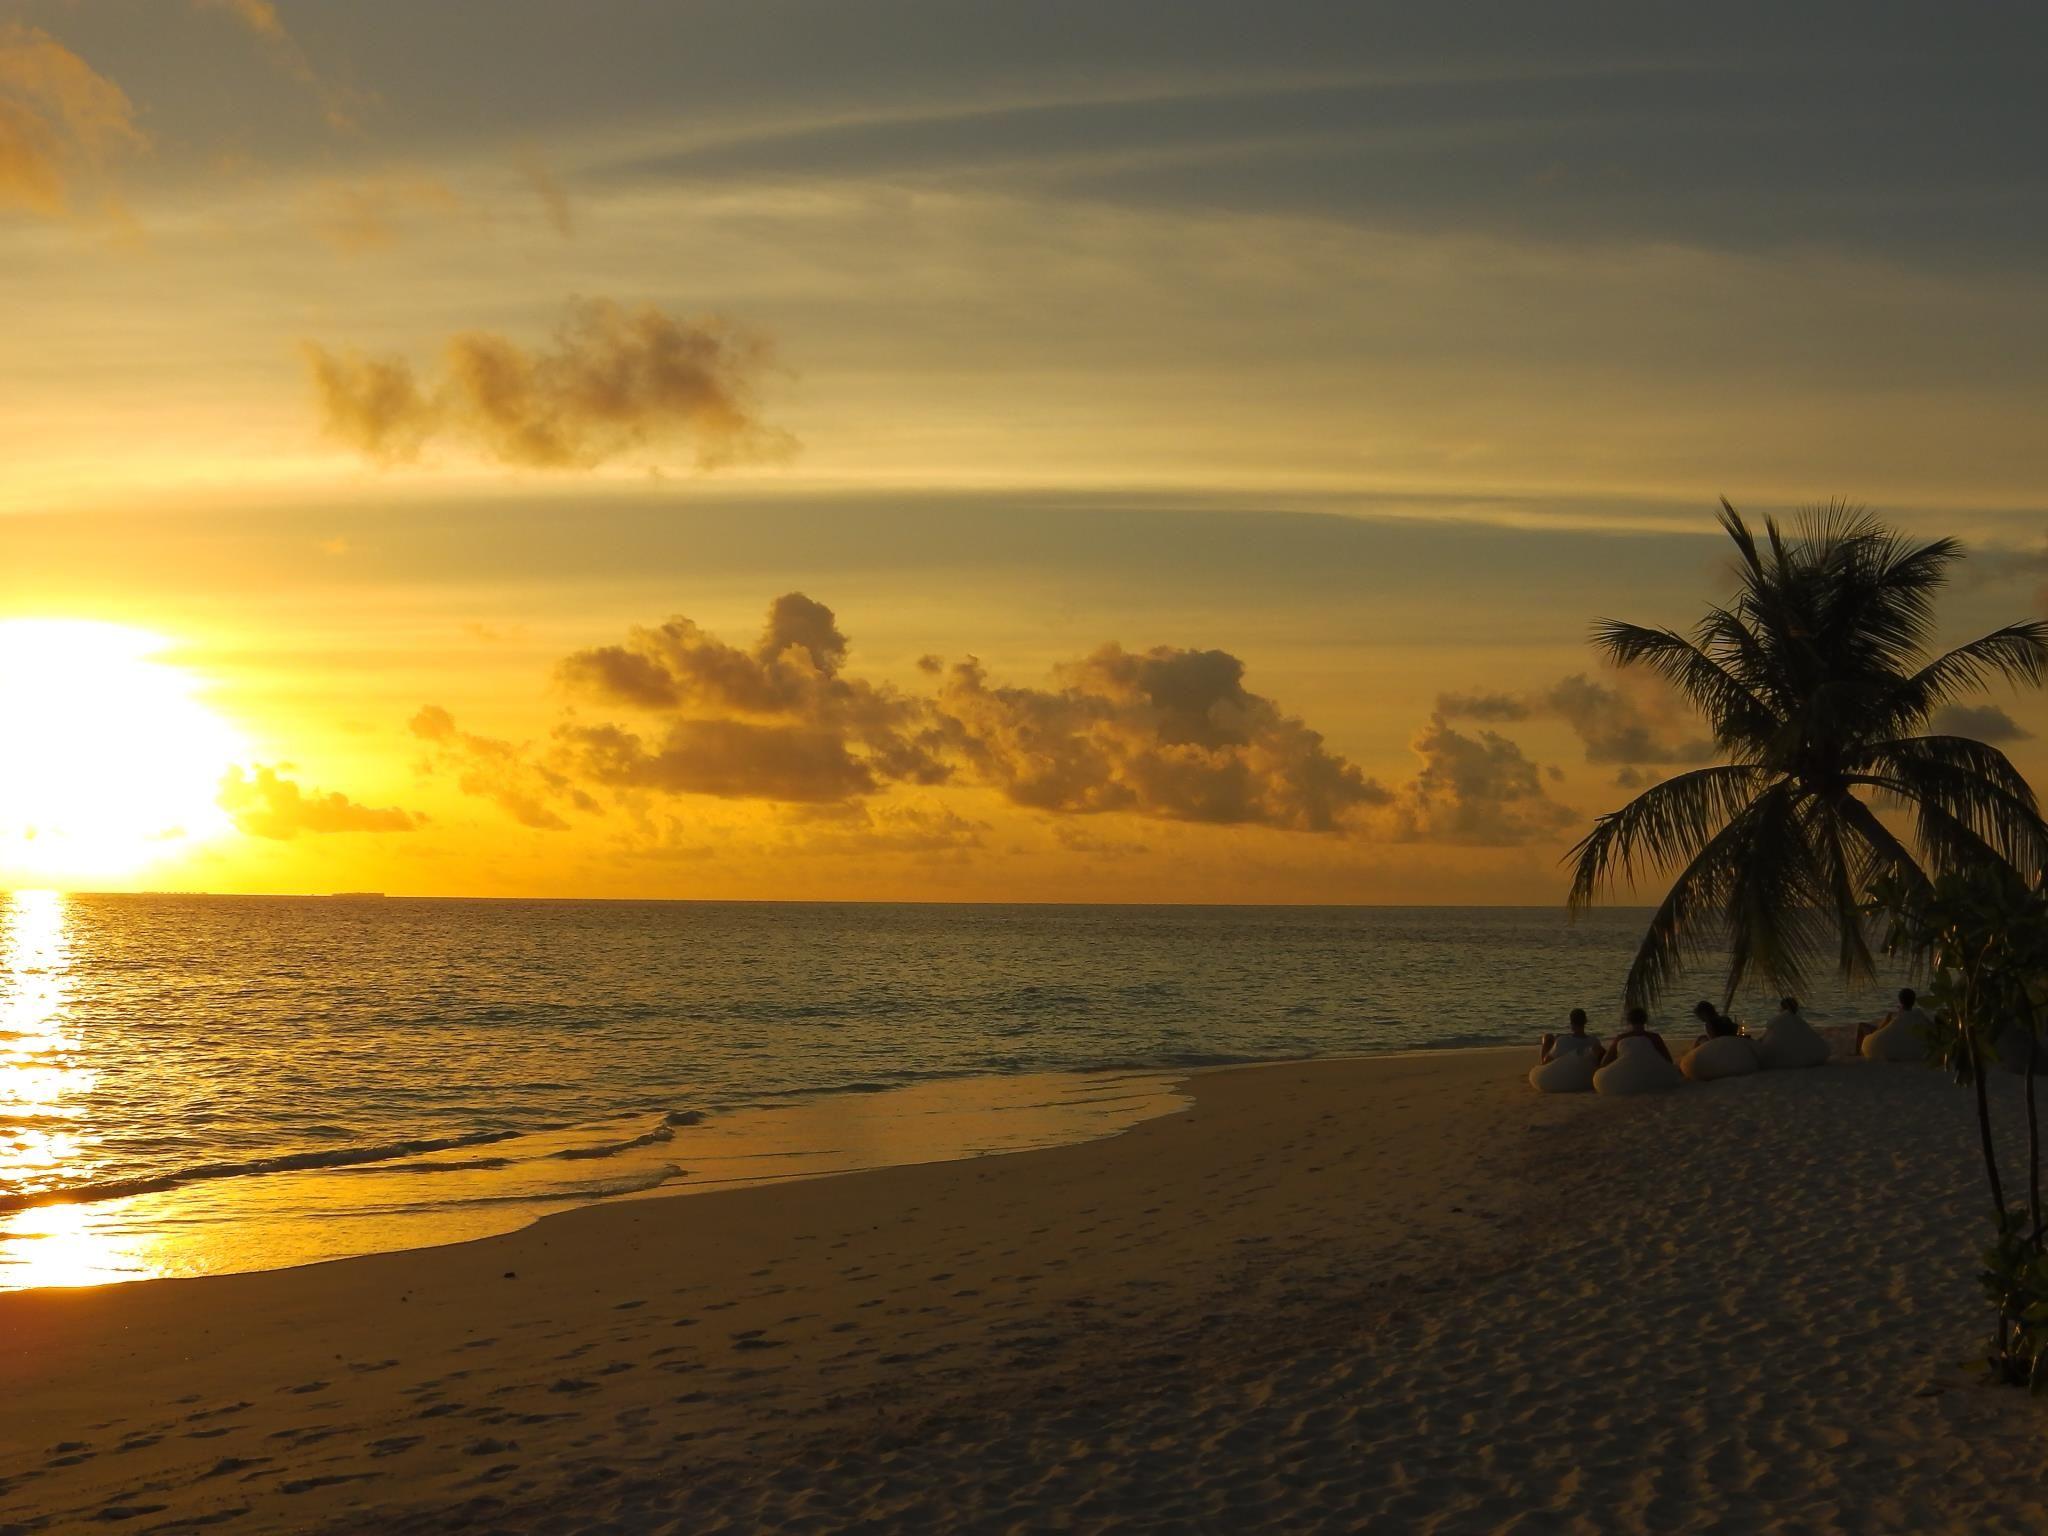 Sonnenuntergang im ROBINSON Club Maldives/Malediven